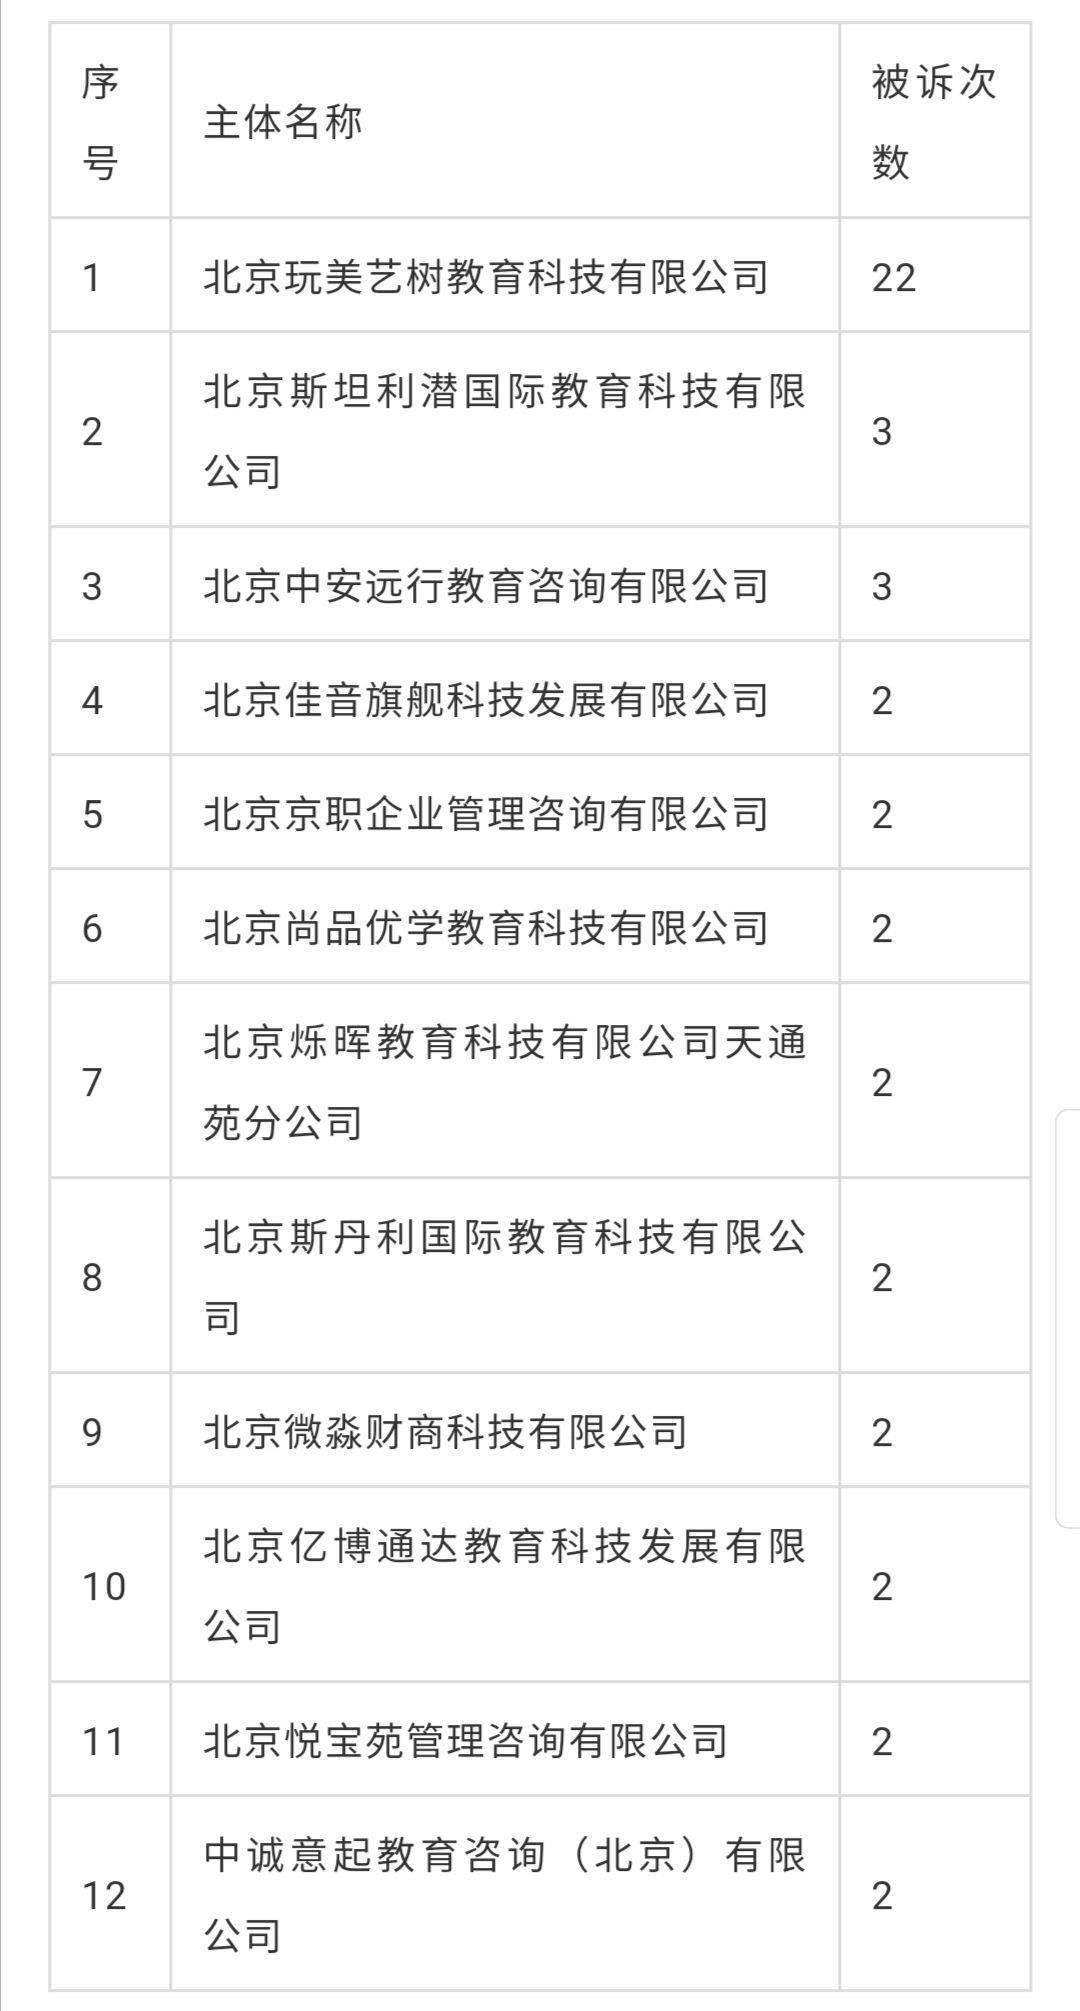 北京昌平区市场监督管理局发消费警示,3家教育培训主体再被点名